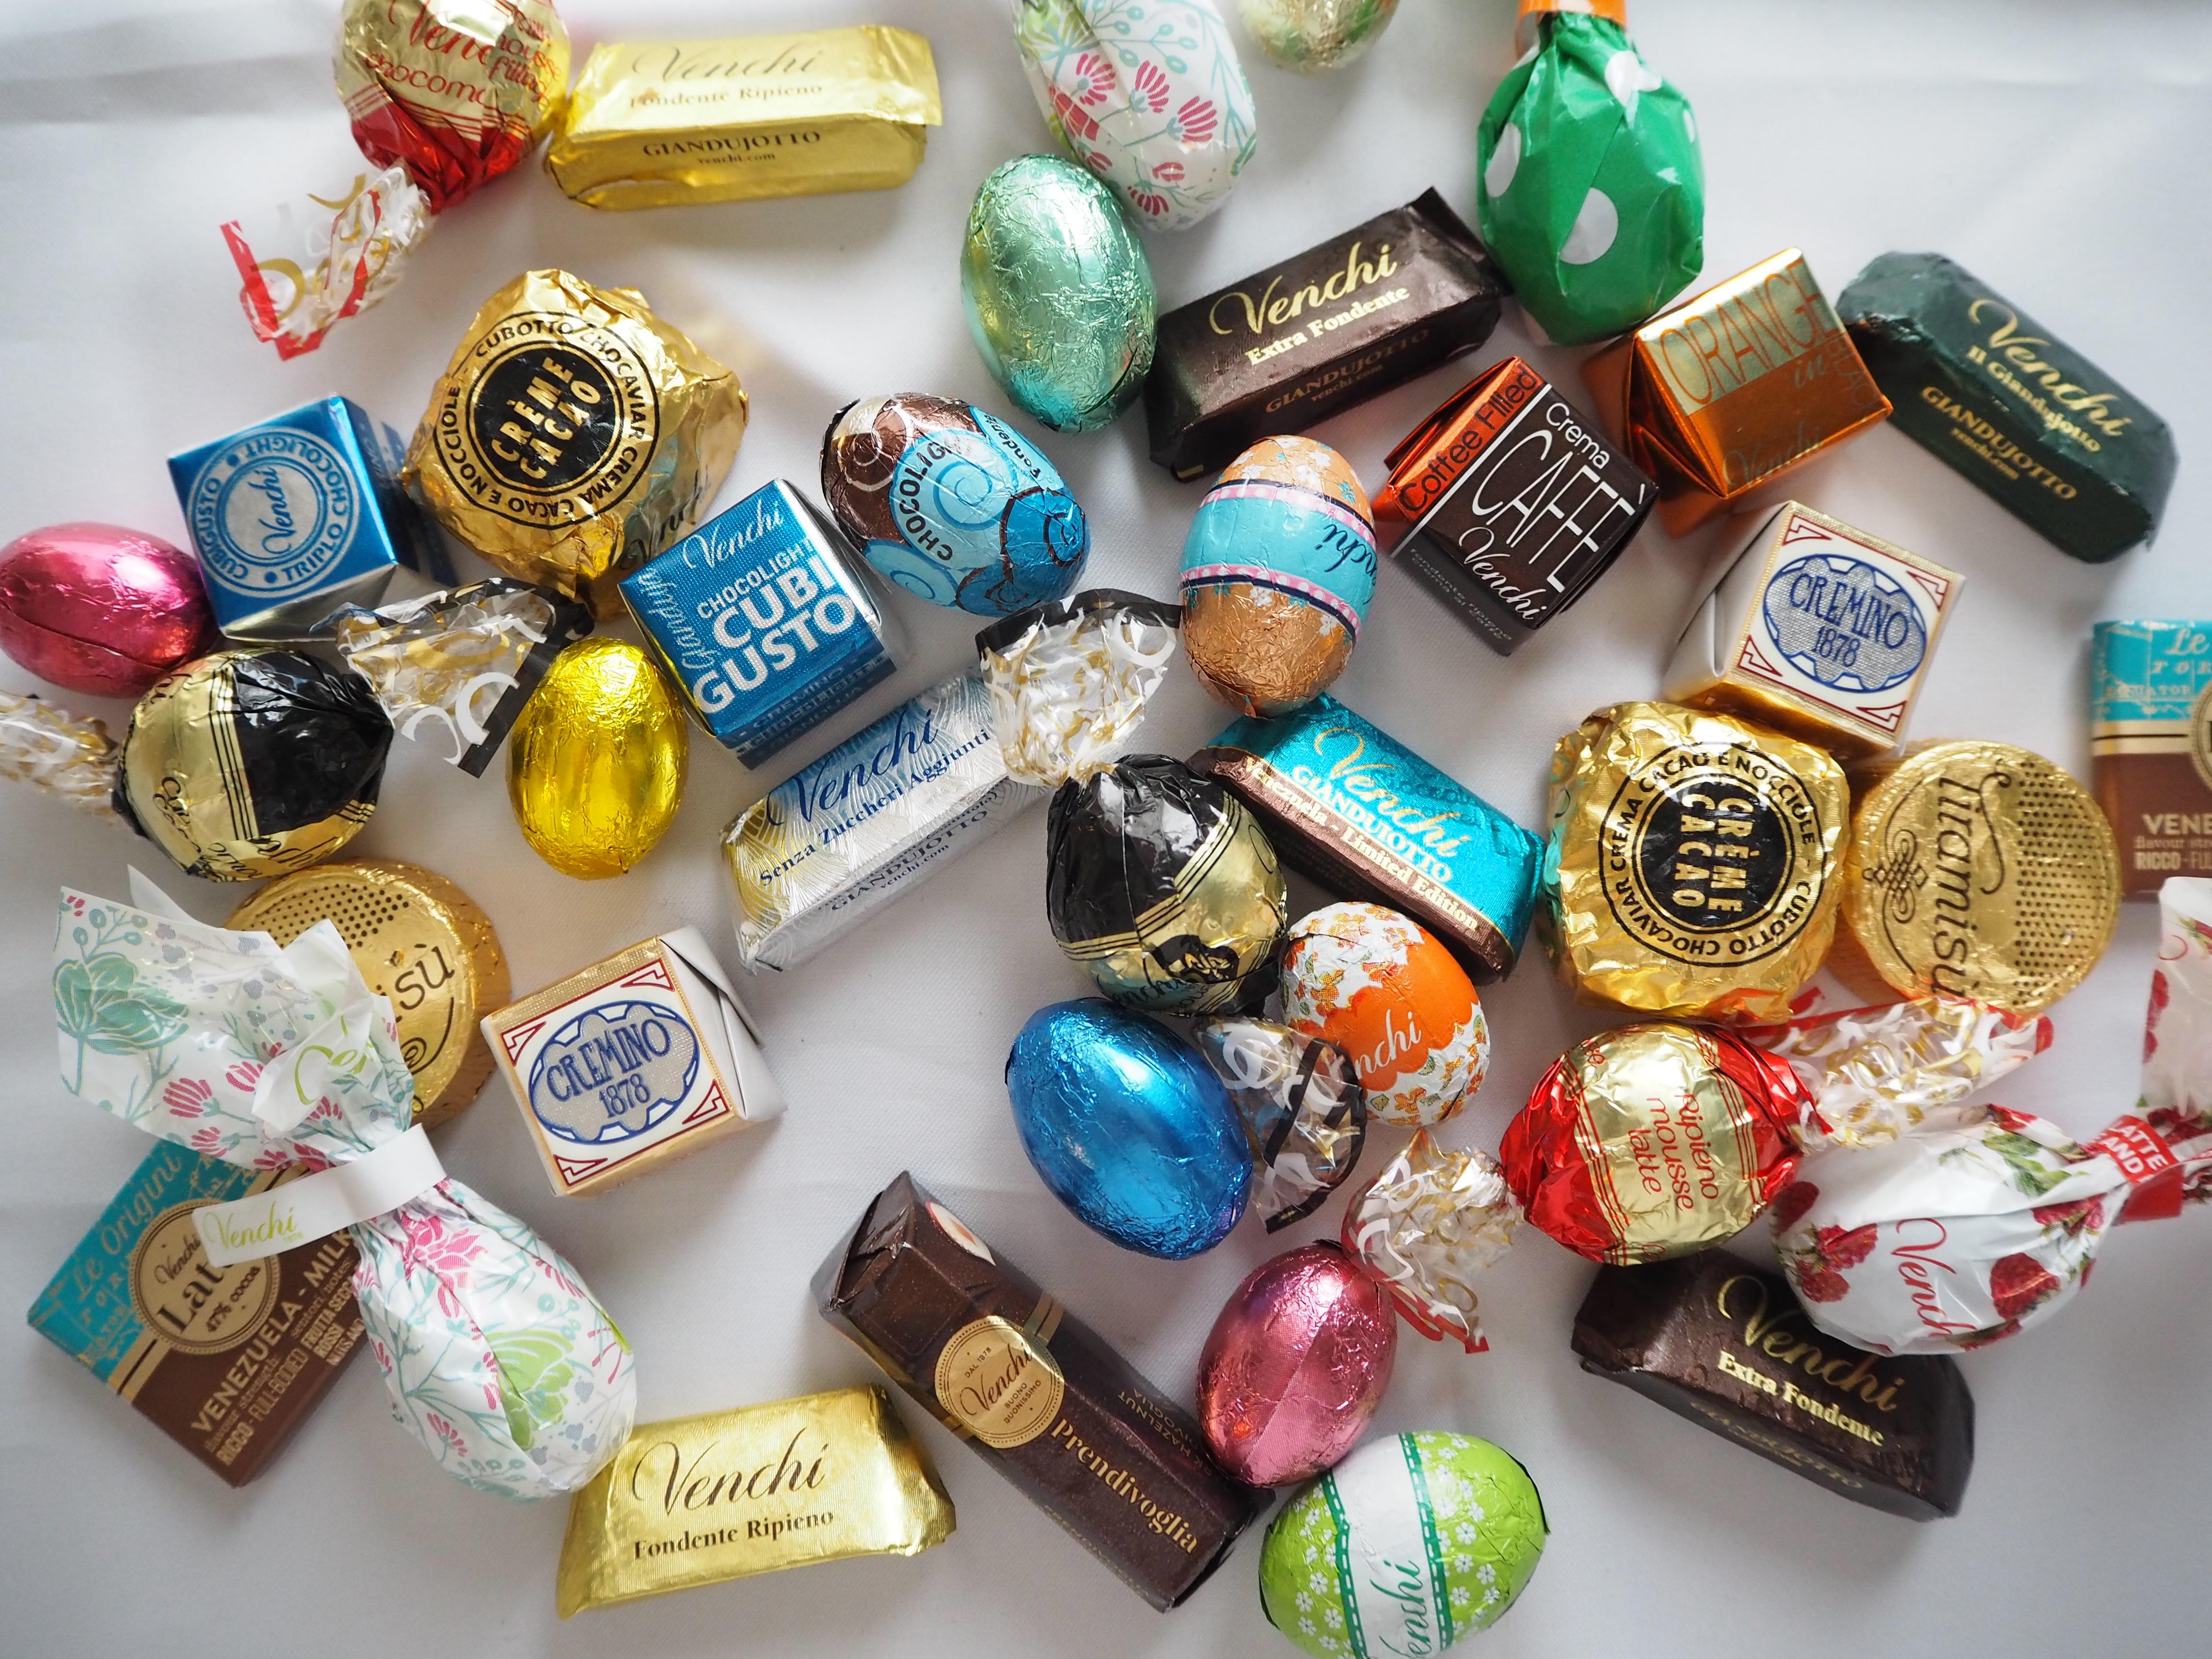 新婚旅行 イタリアへの旅 〜お土産のVenchiのチョコレート〜